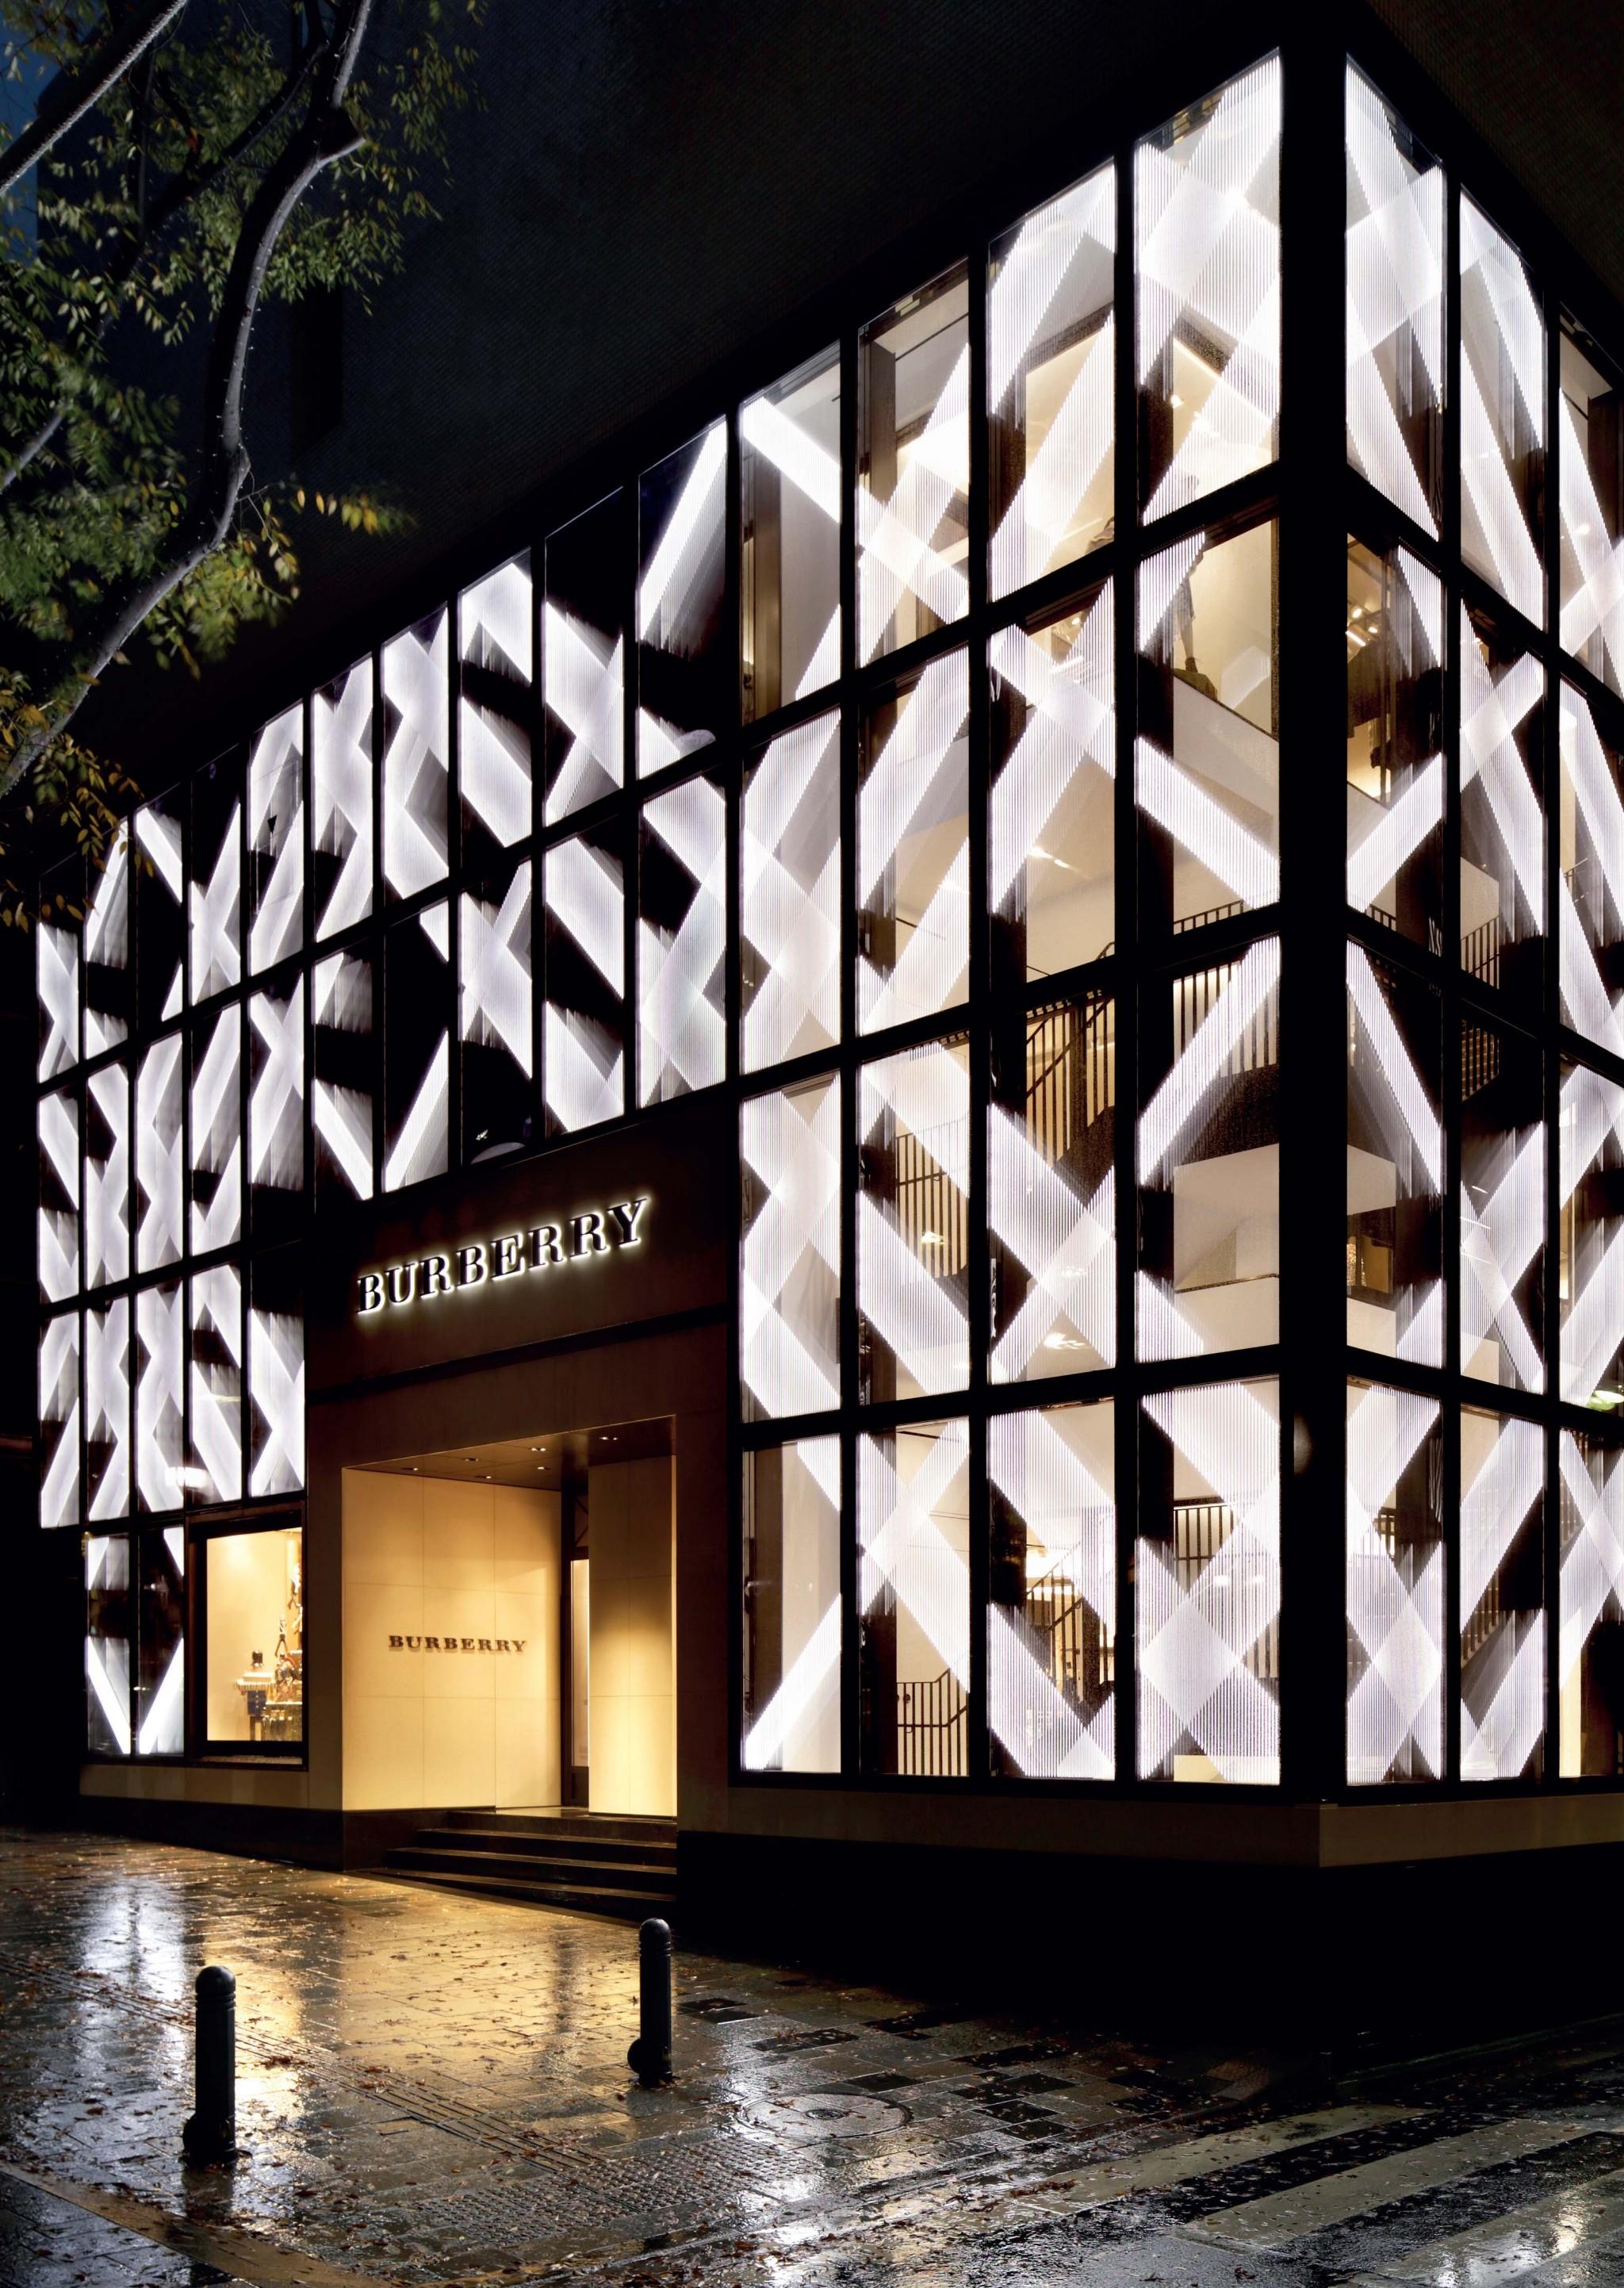 Bí quyết kinh doanh thời trang của Burberry